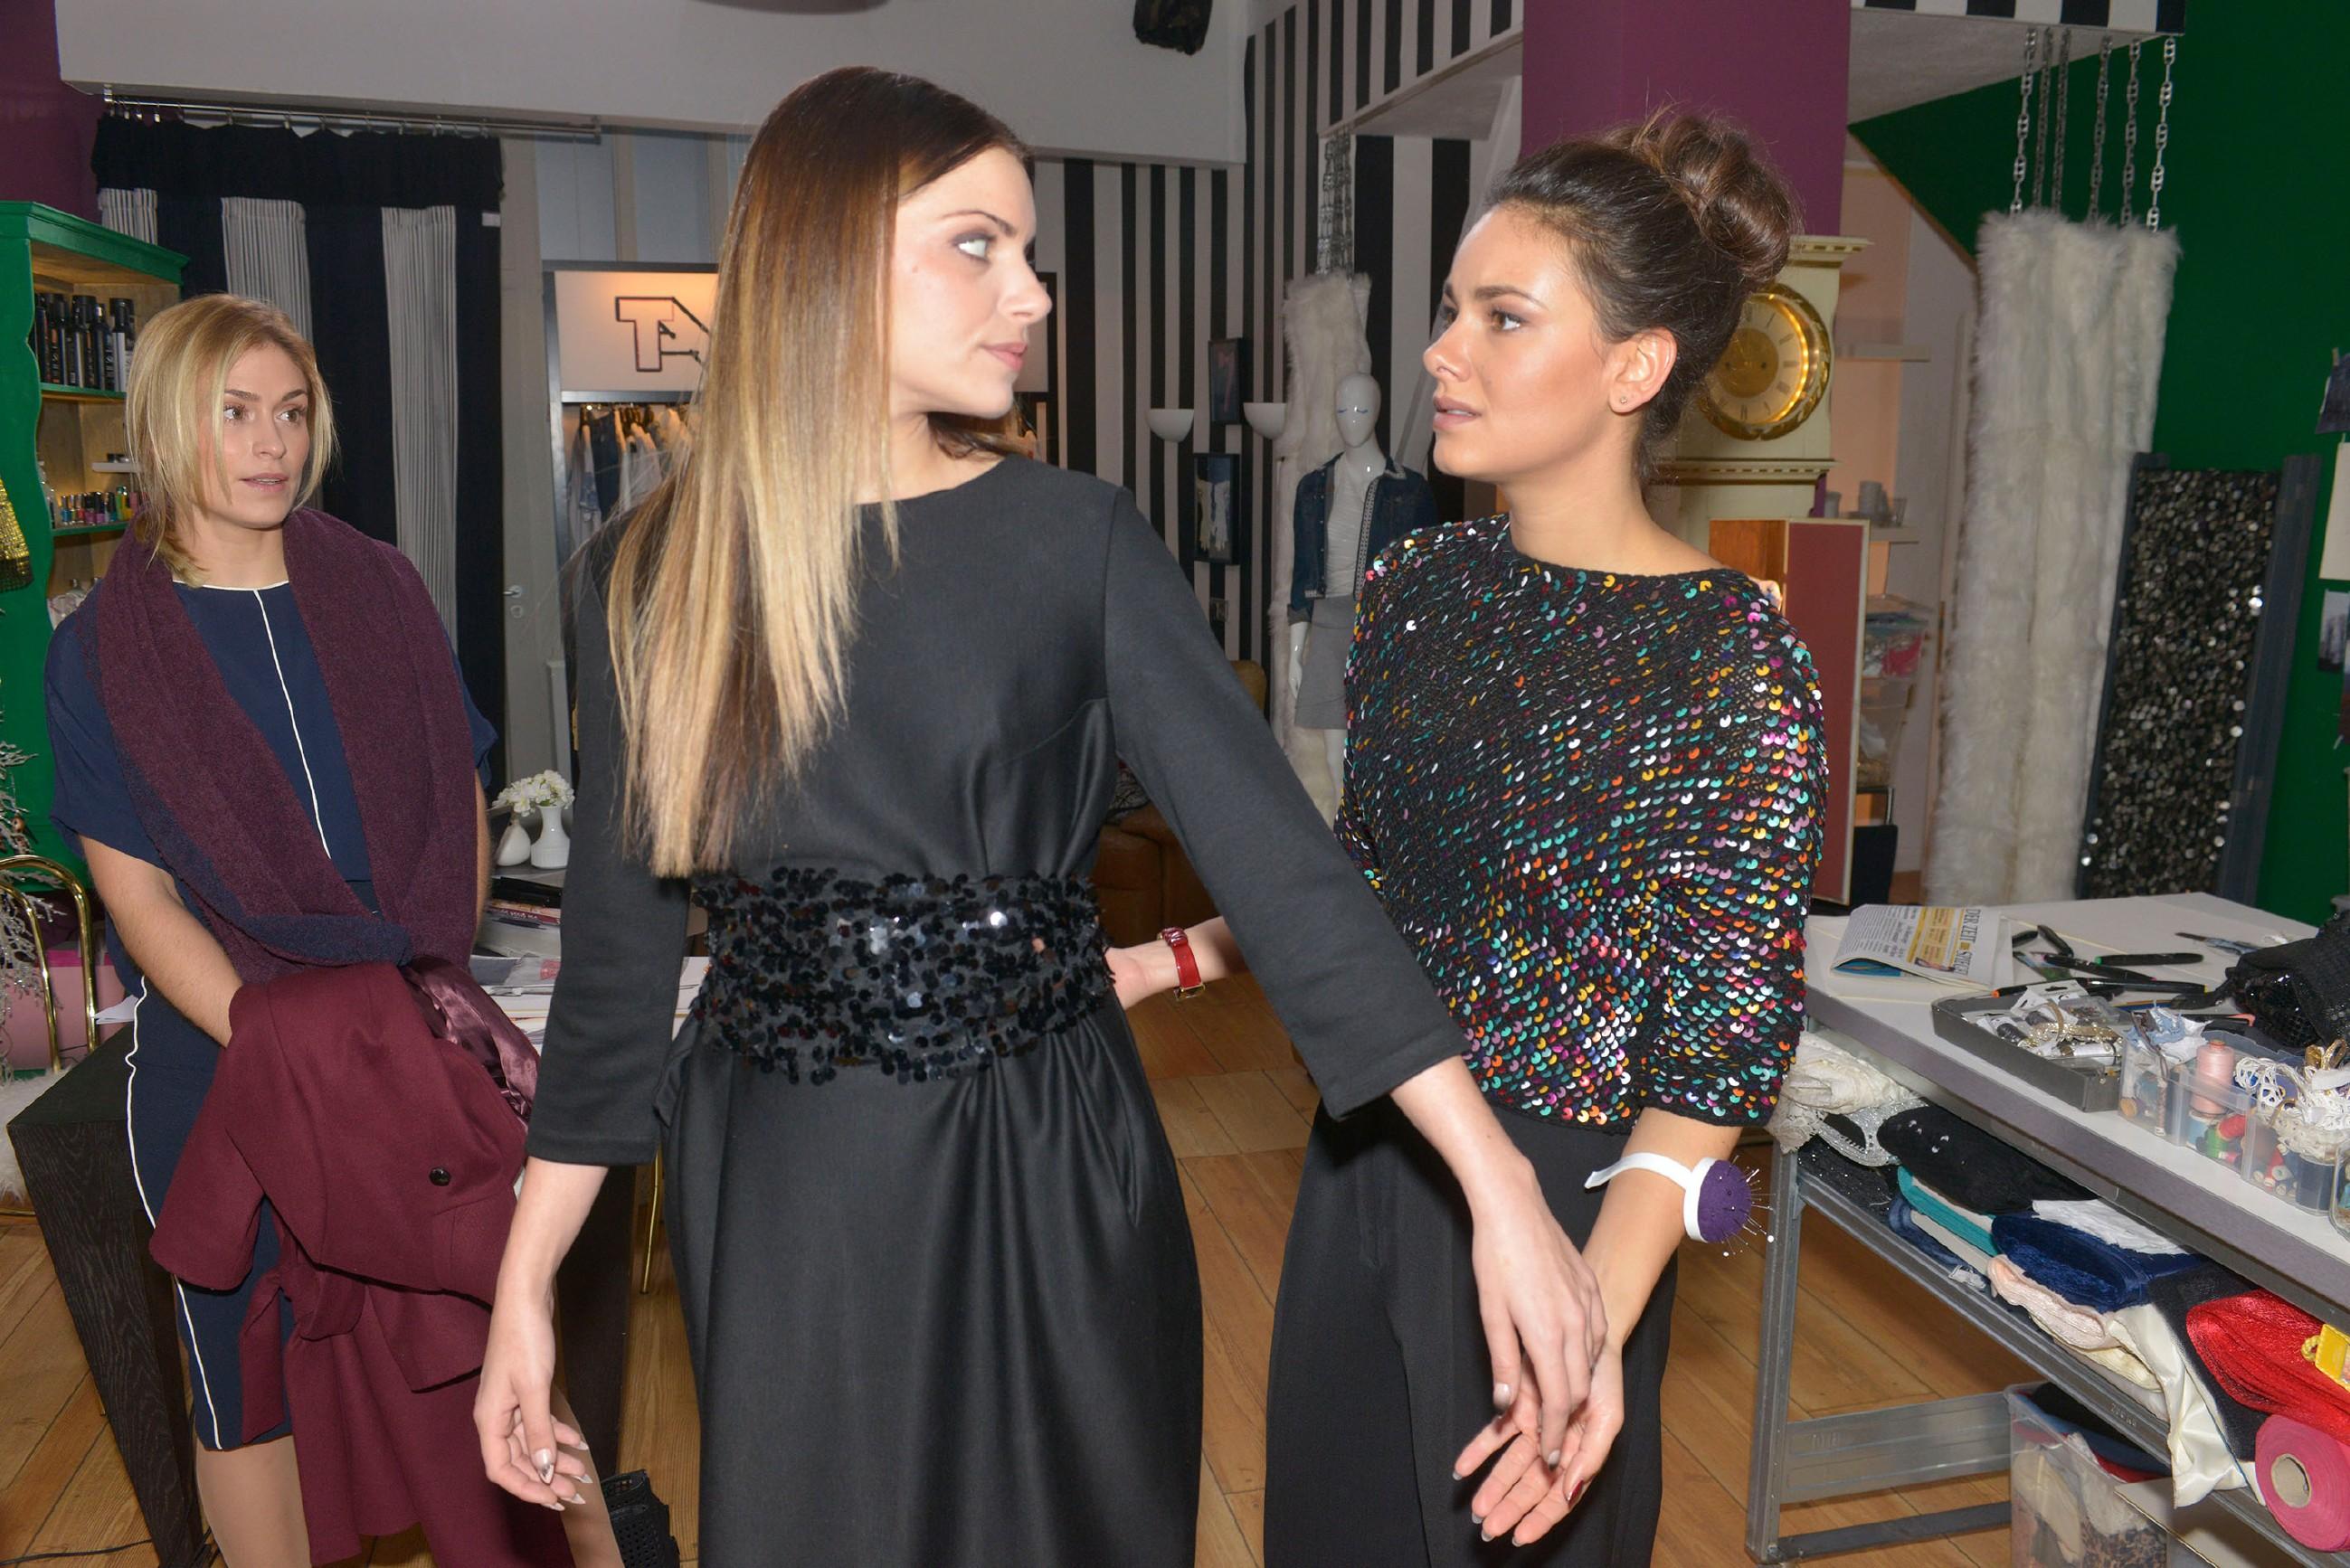 Jasmin (Janina Uhse, r.) will die Präsentation professionell hinter sich bringen und gibt sich vor Sophie (Lea Marlen Woitack, l.) und Emily (Anne Menden) tapfer. (Quelle: RTL / Rolf Baumgartner)